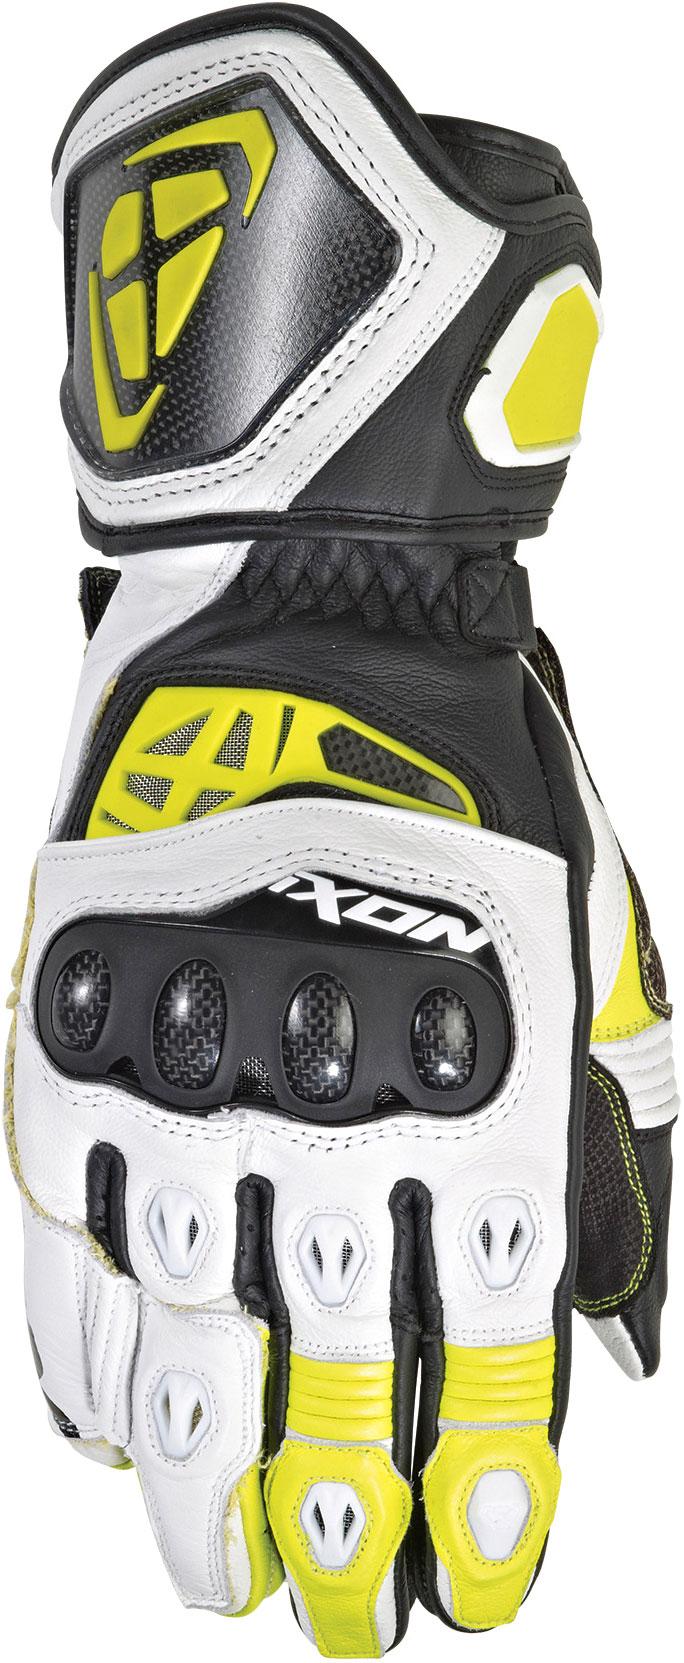 Ixon RS Genius Replica, Handschuhe - Schwarz/Weiß/Neon-Gelb - XL 31248003